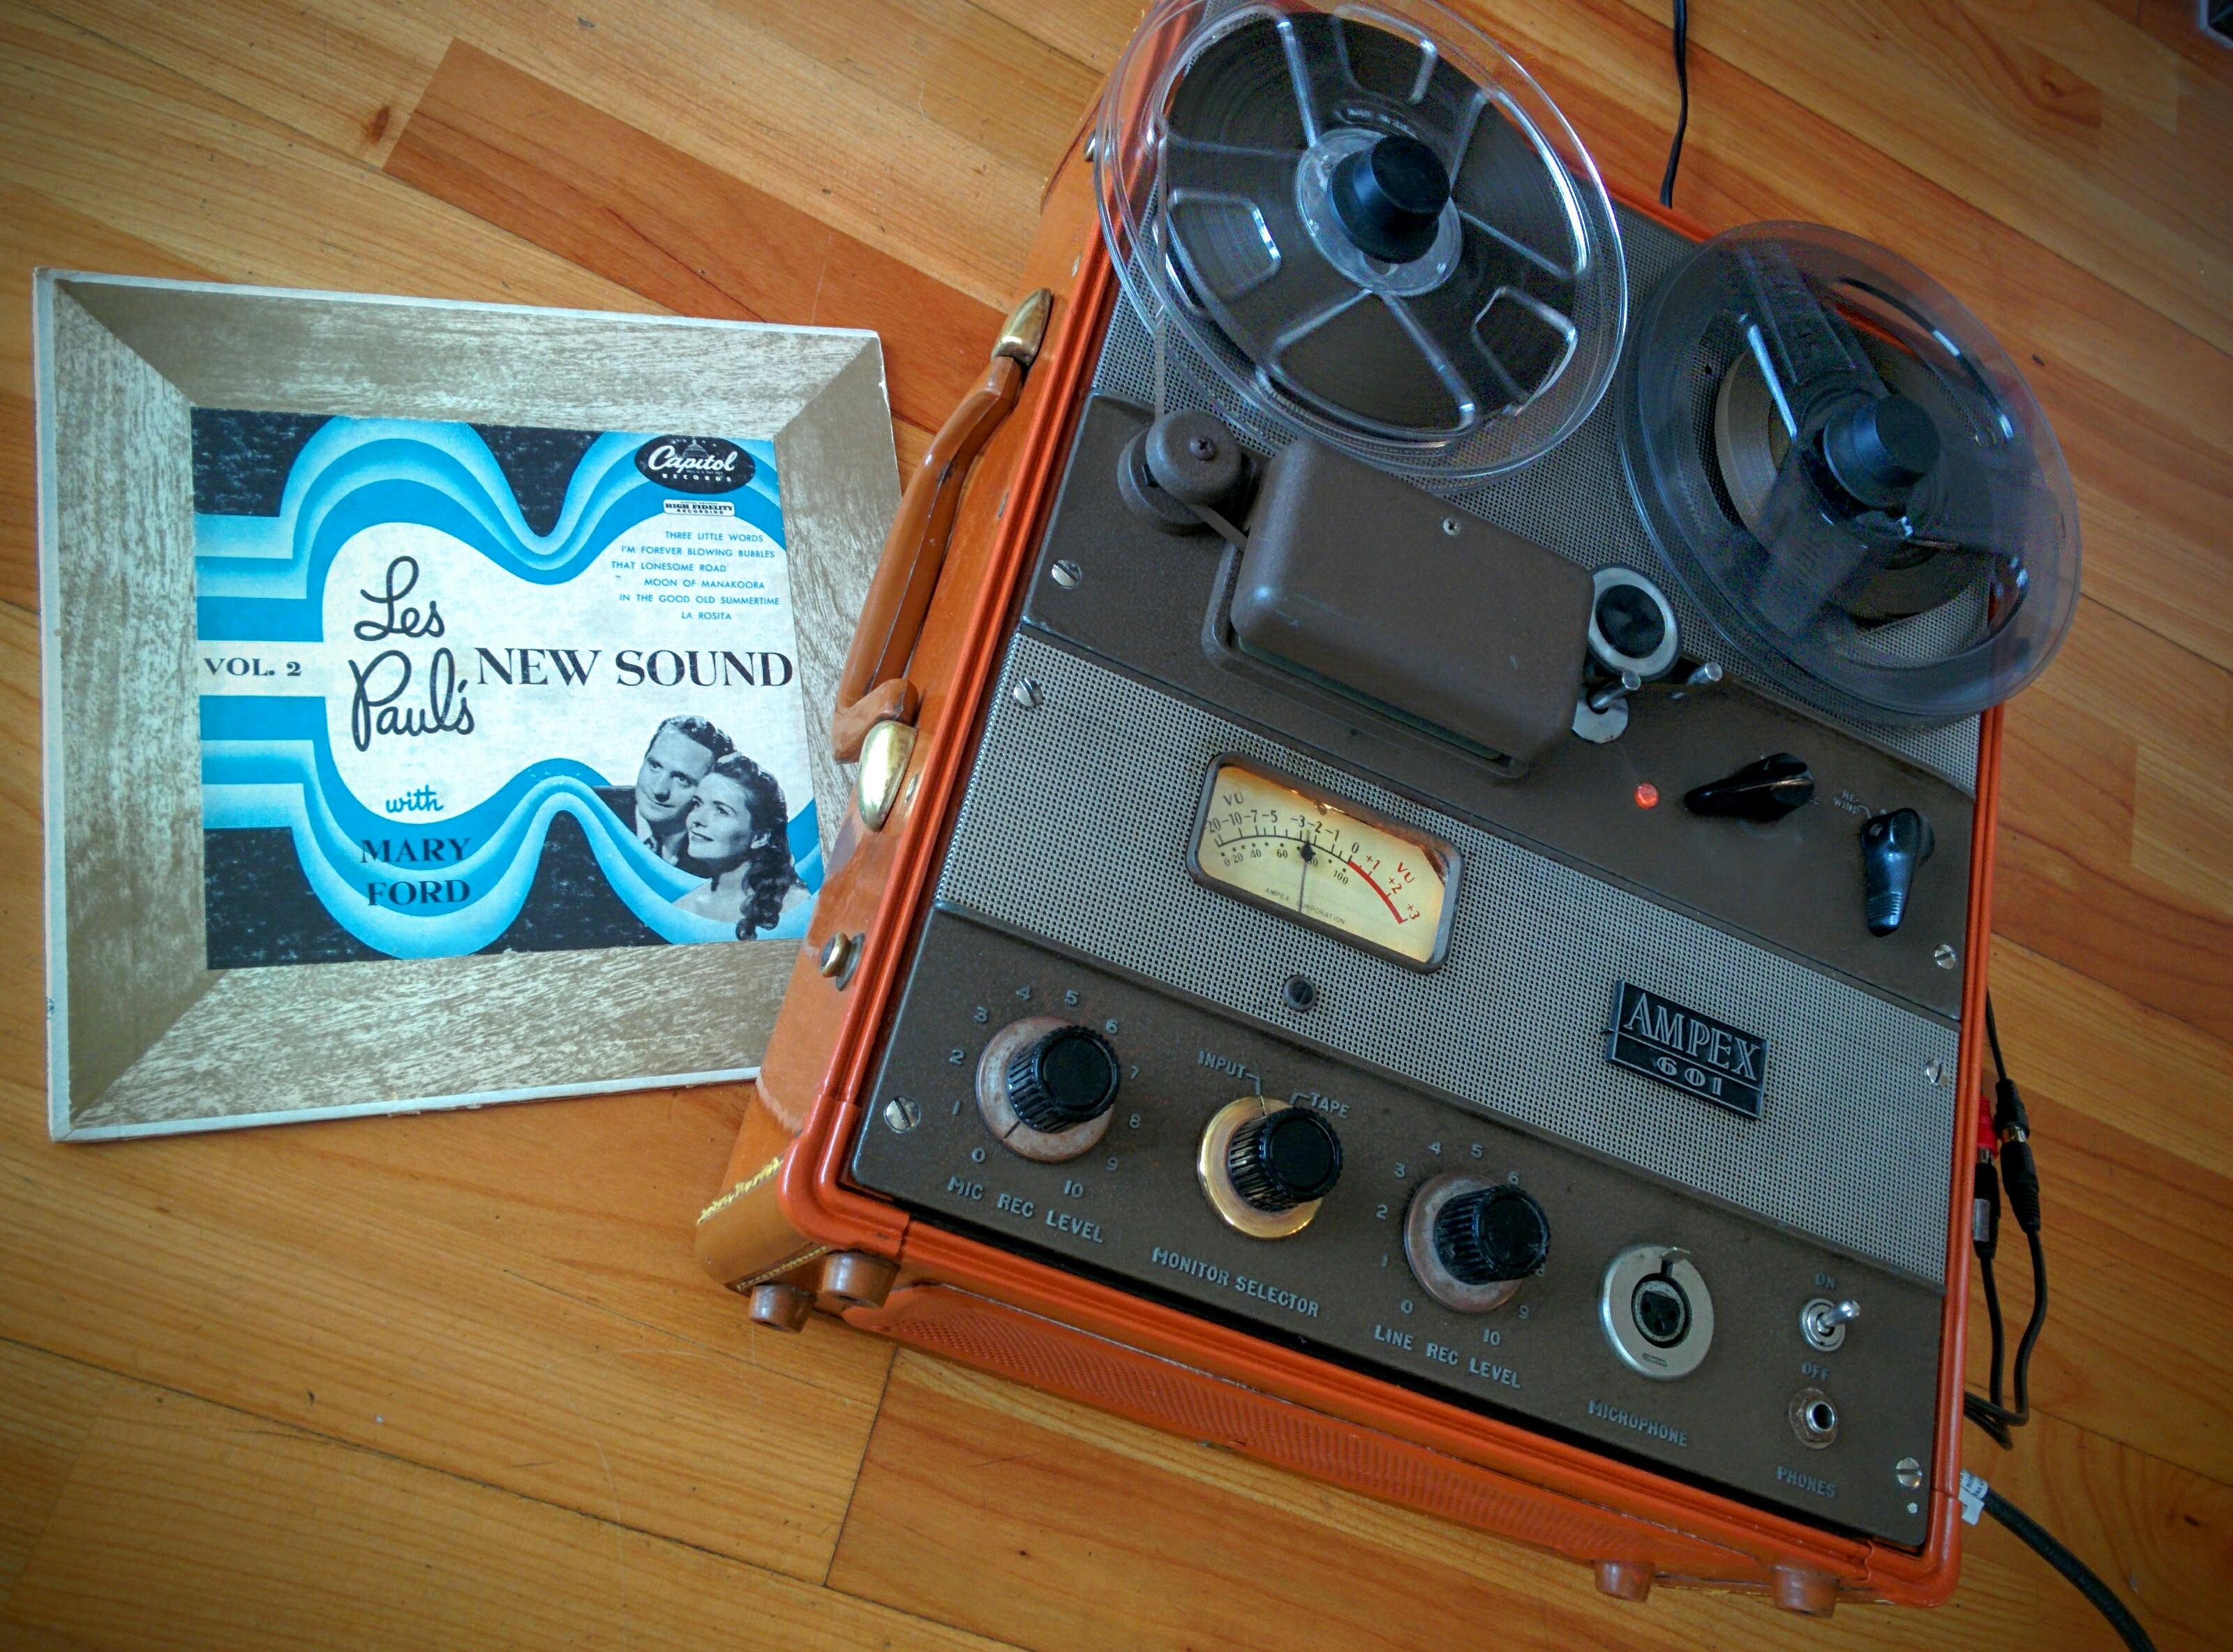 Na cestě k Atari: Syzygy a první videohra